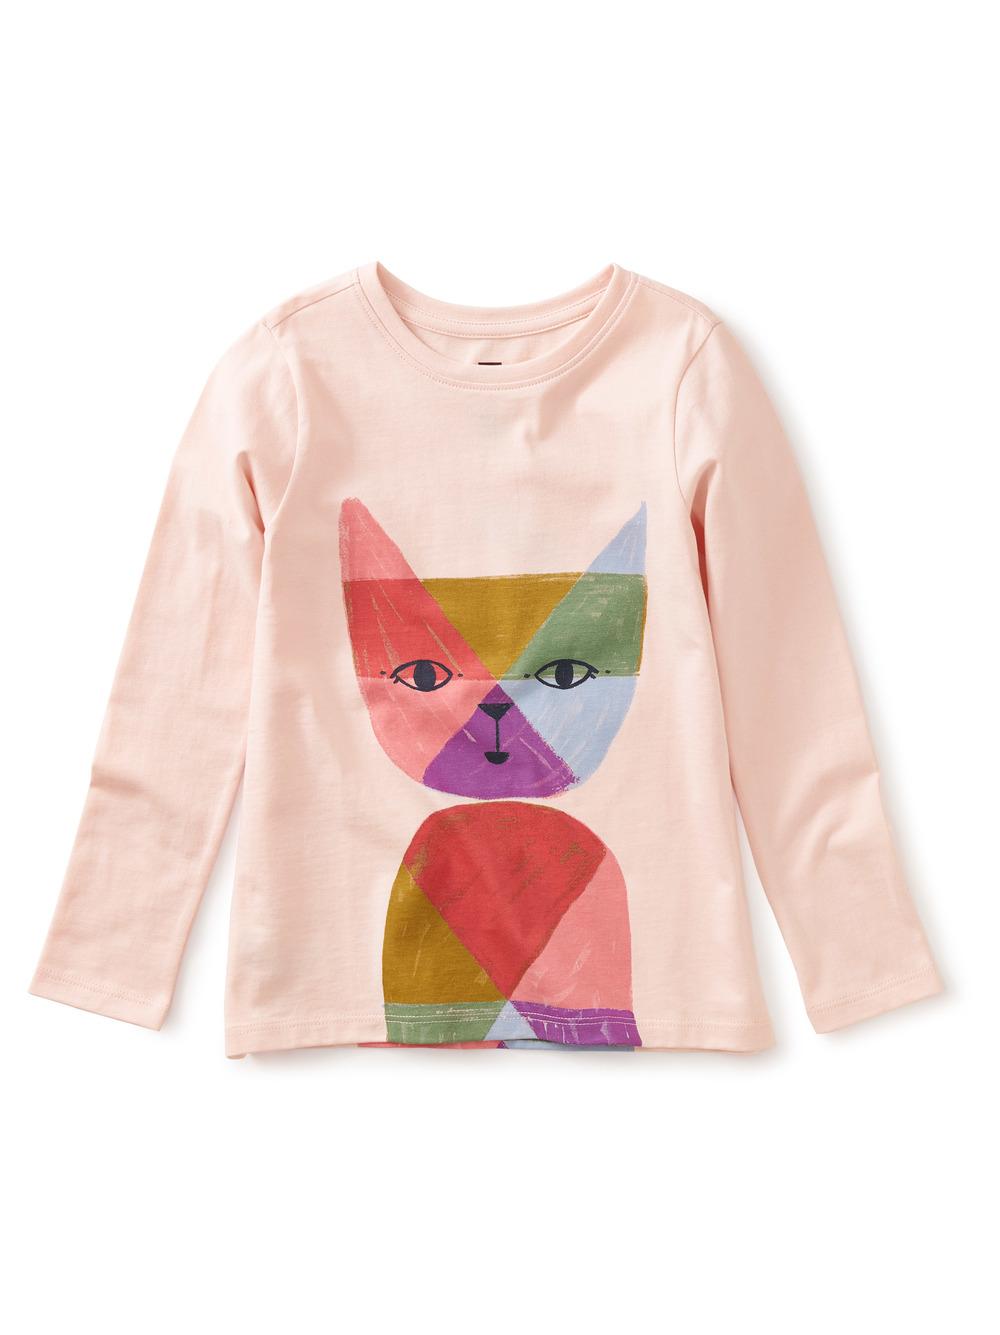 Rainbow Cat Graphic Tee